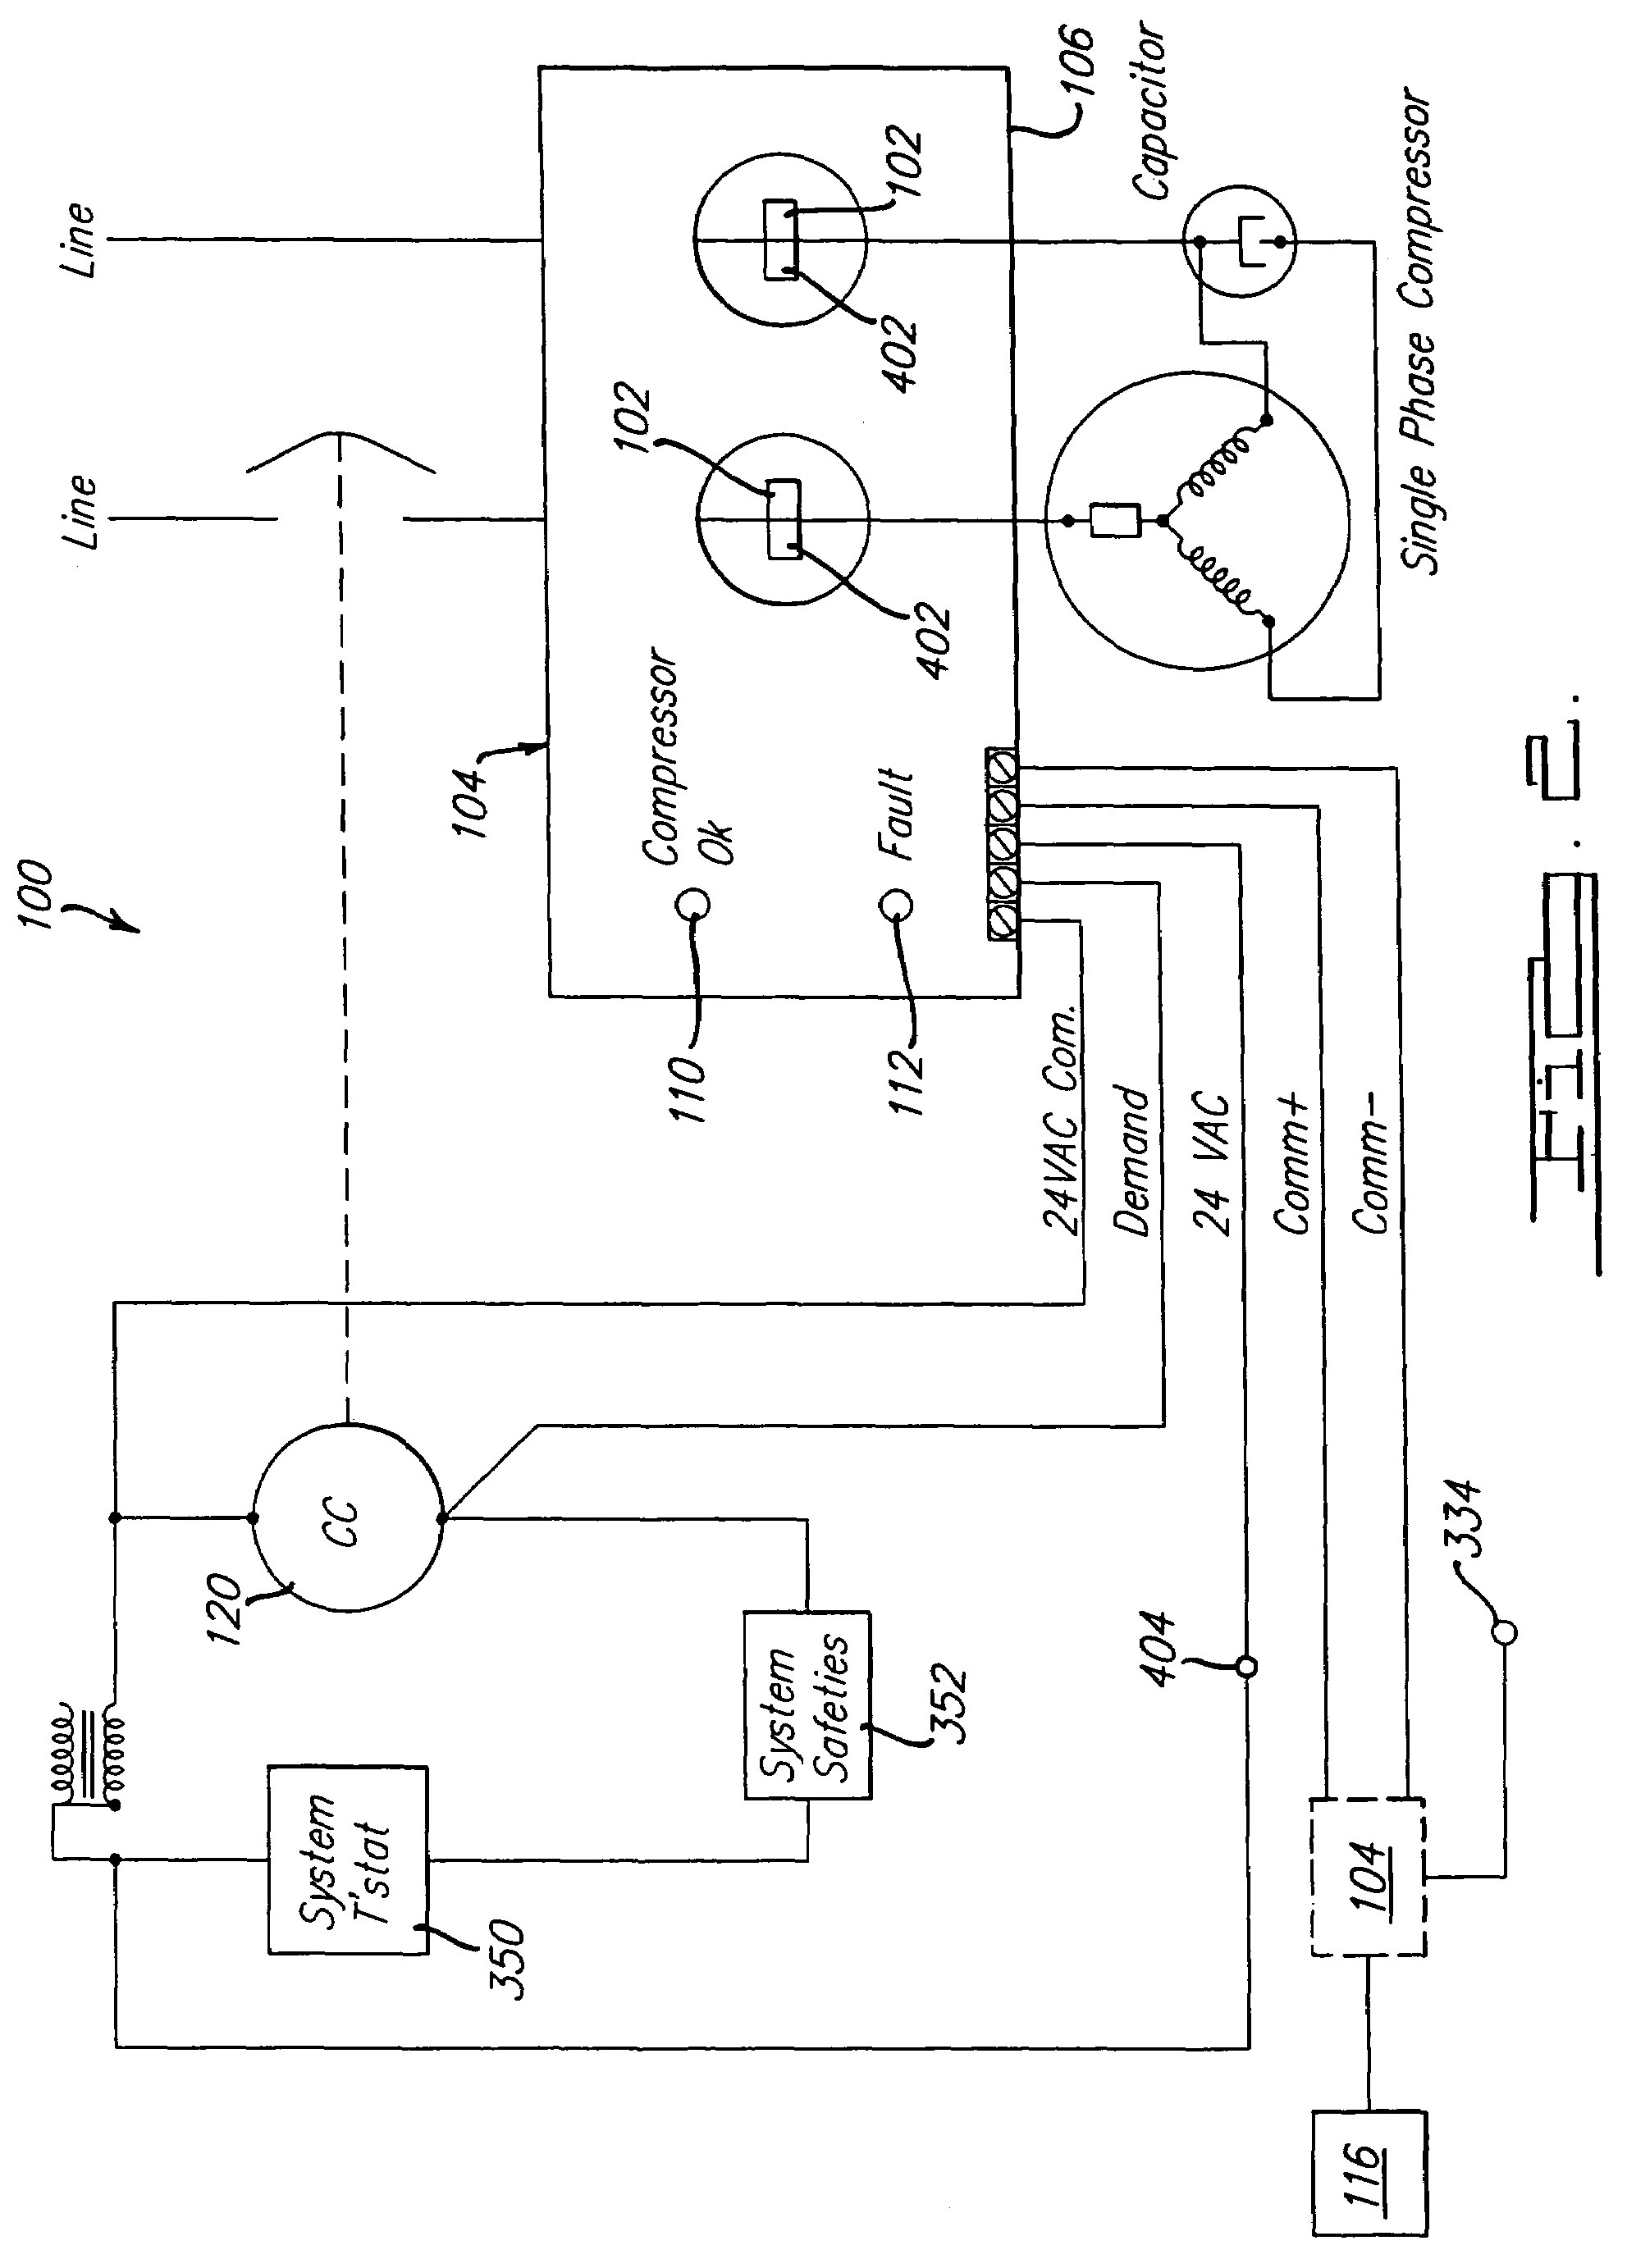 Pioneer Deh P6300 Wiring Diagram